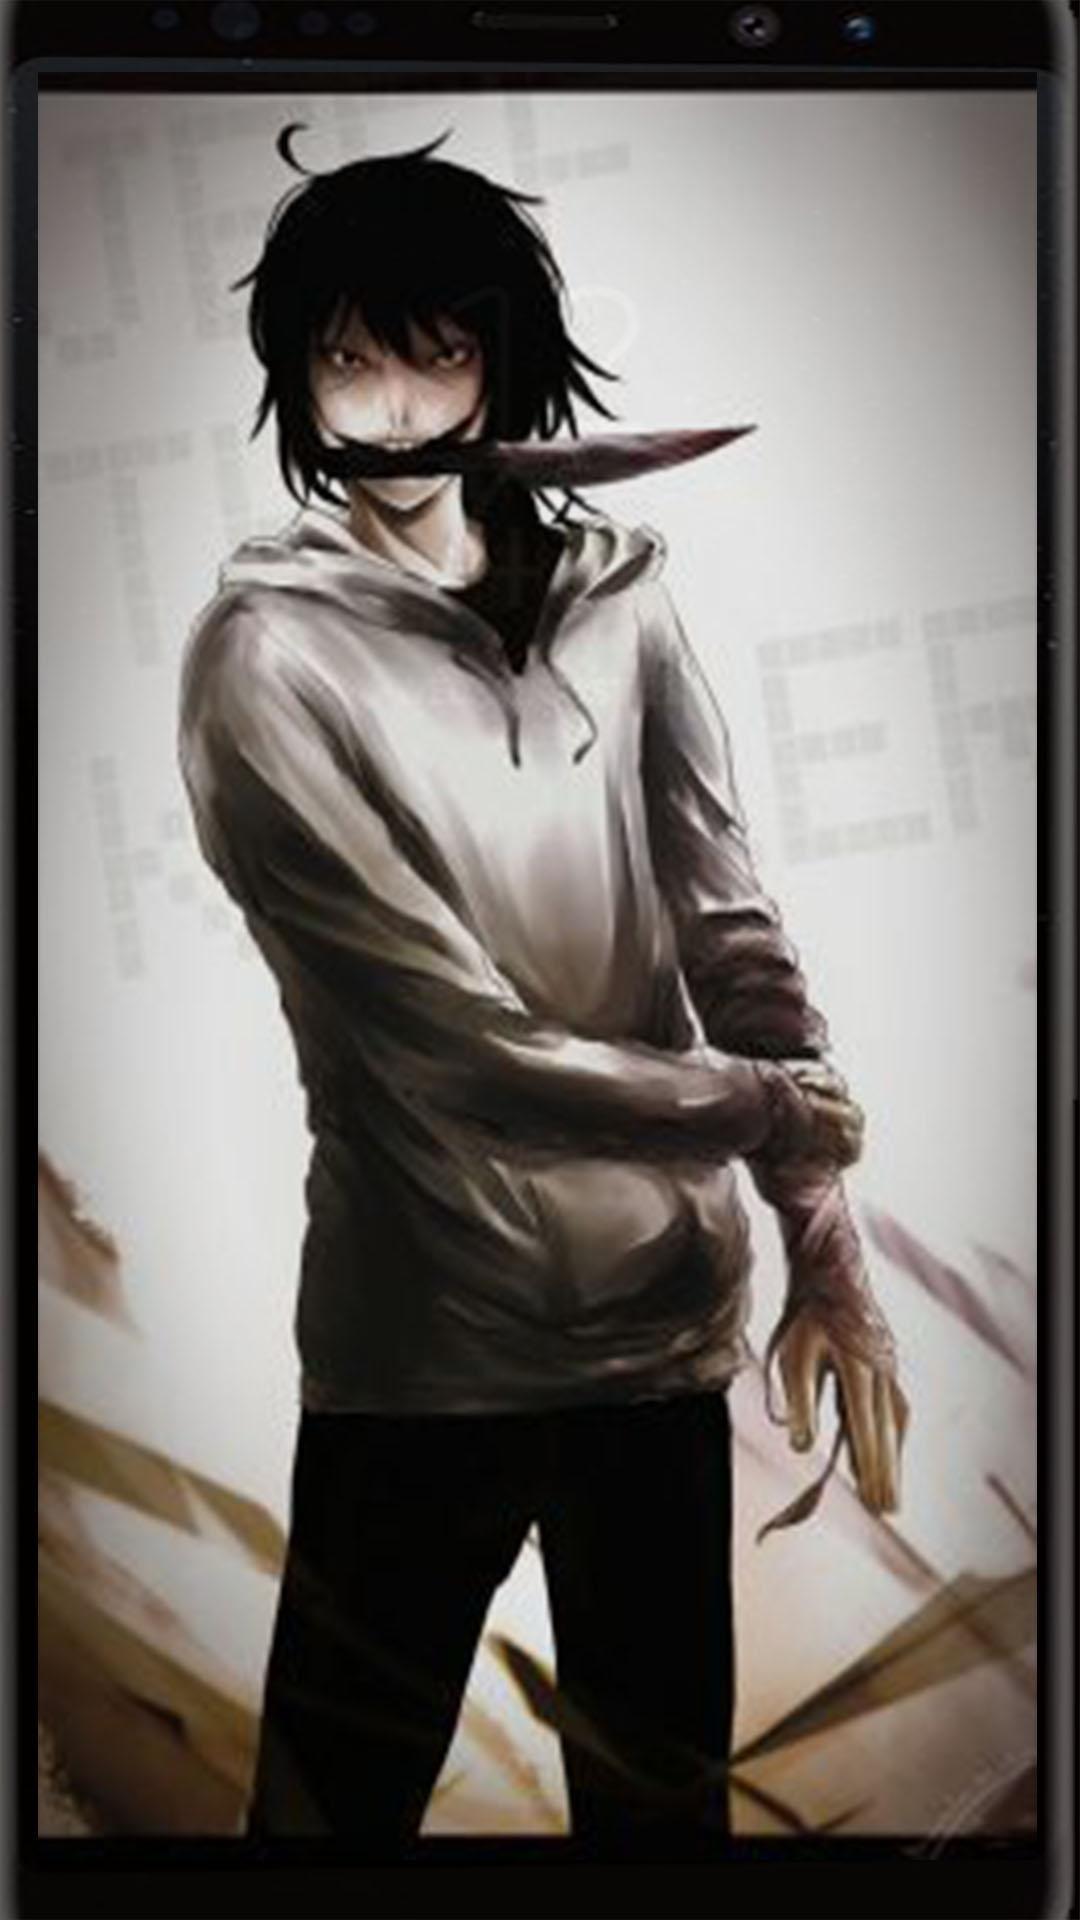 Jeff The Killer Anime Cute : killer, anime, Killer, Anime, Wallpapers, Wallpaper